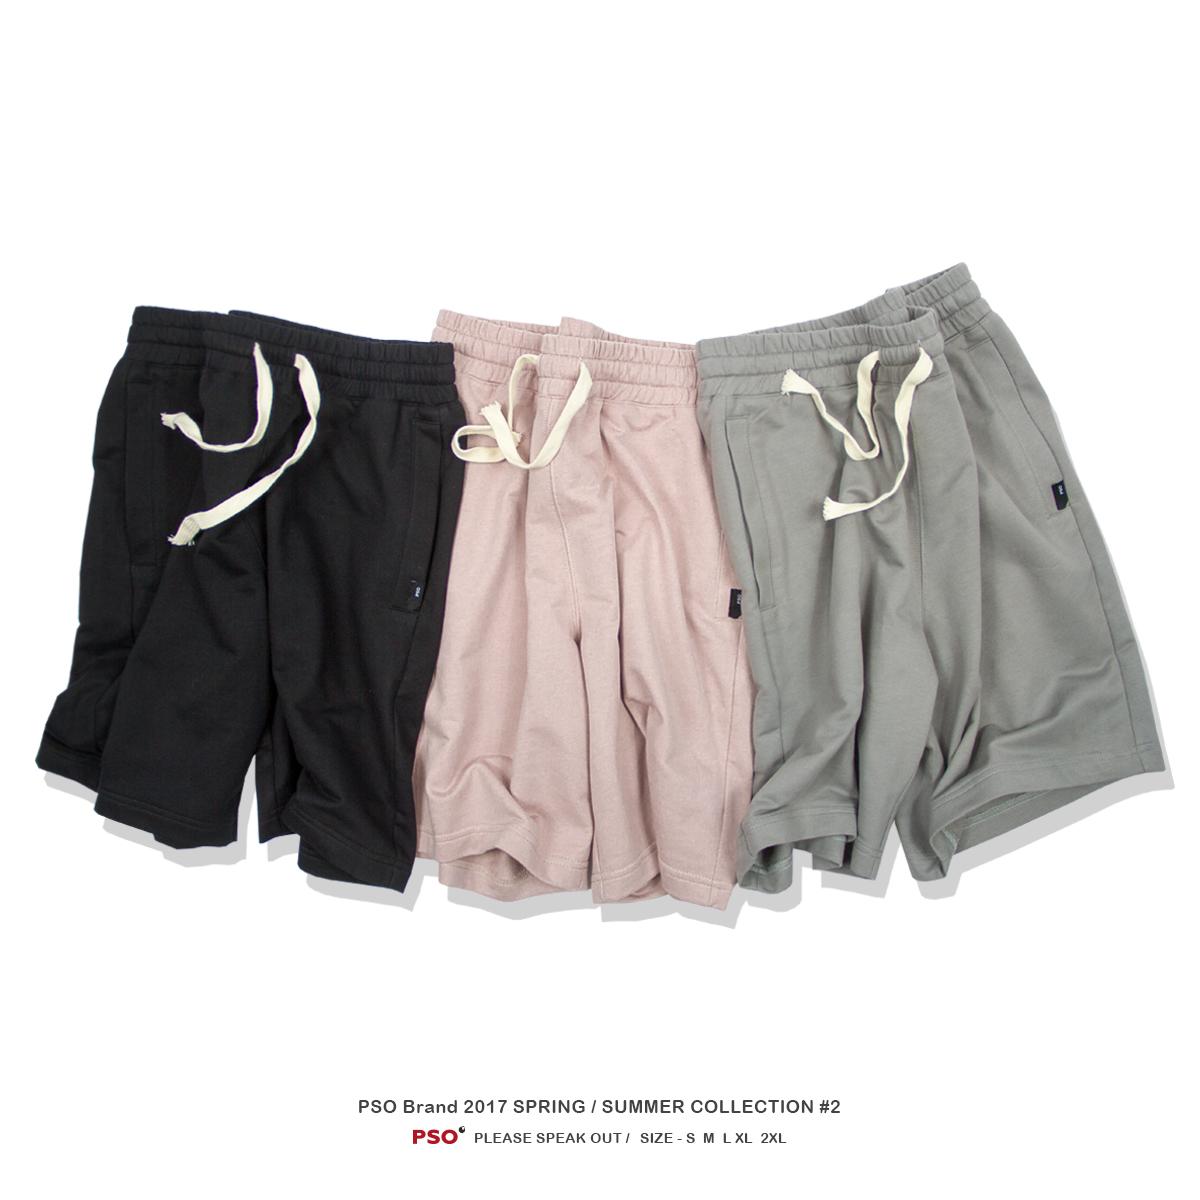 PSO Brand 潮牌纯色五分宽松沙滩裤青少年针织纯棉粉色运动短裤男热销61件手慢无